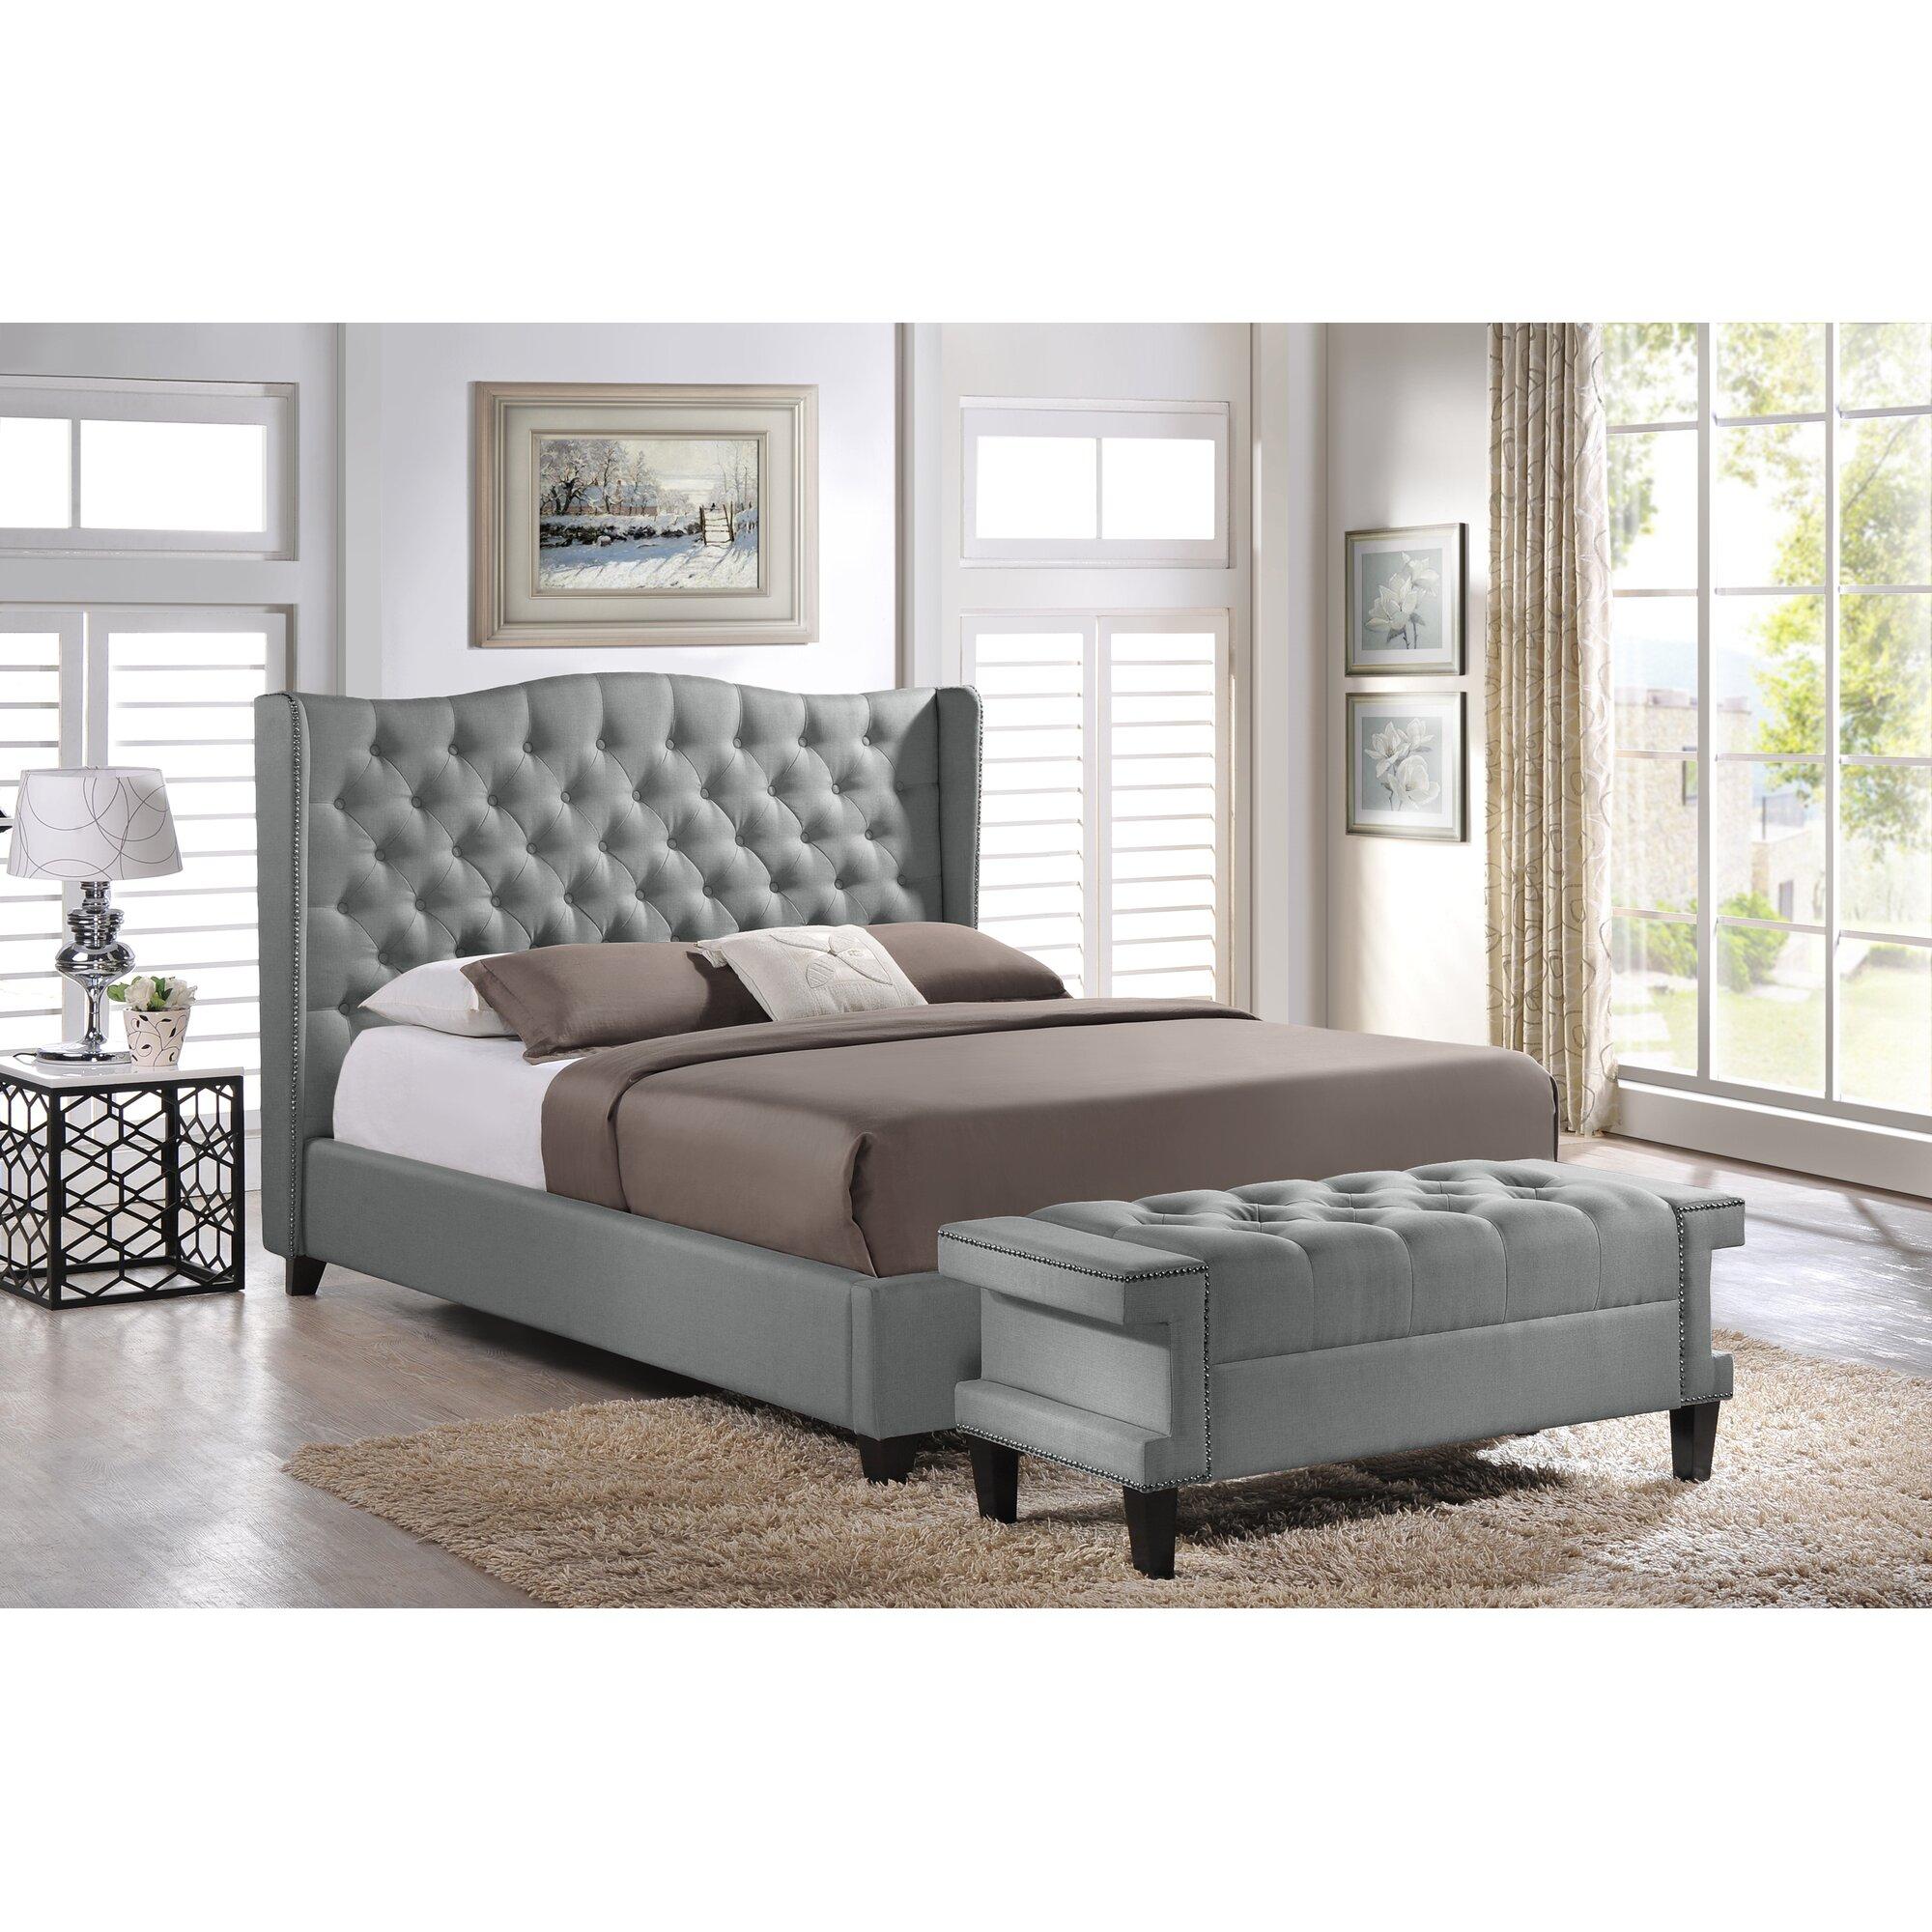 Baxton studio upholstered platform bed by wholesale interiors - Wholesale Interiors Baxton Studio Upholstered Platform Bed